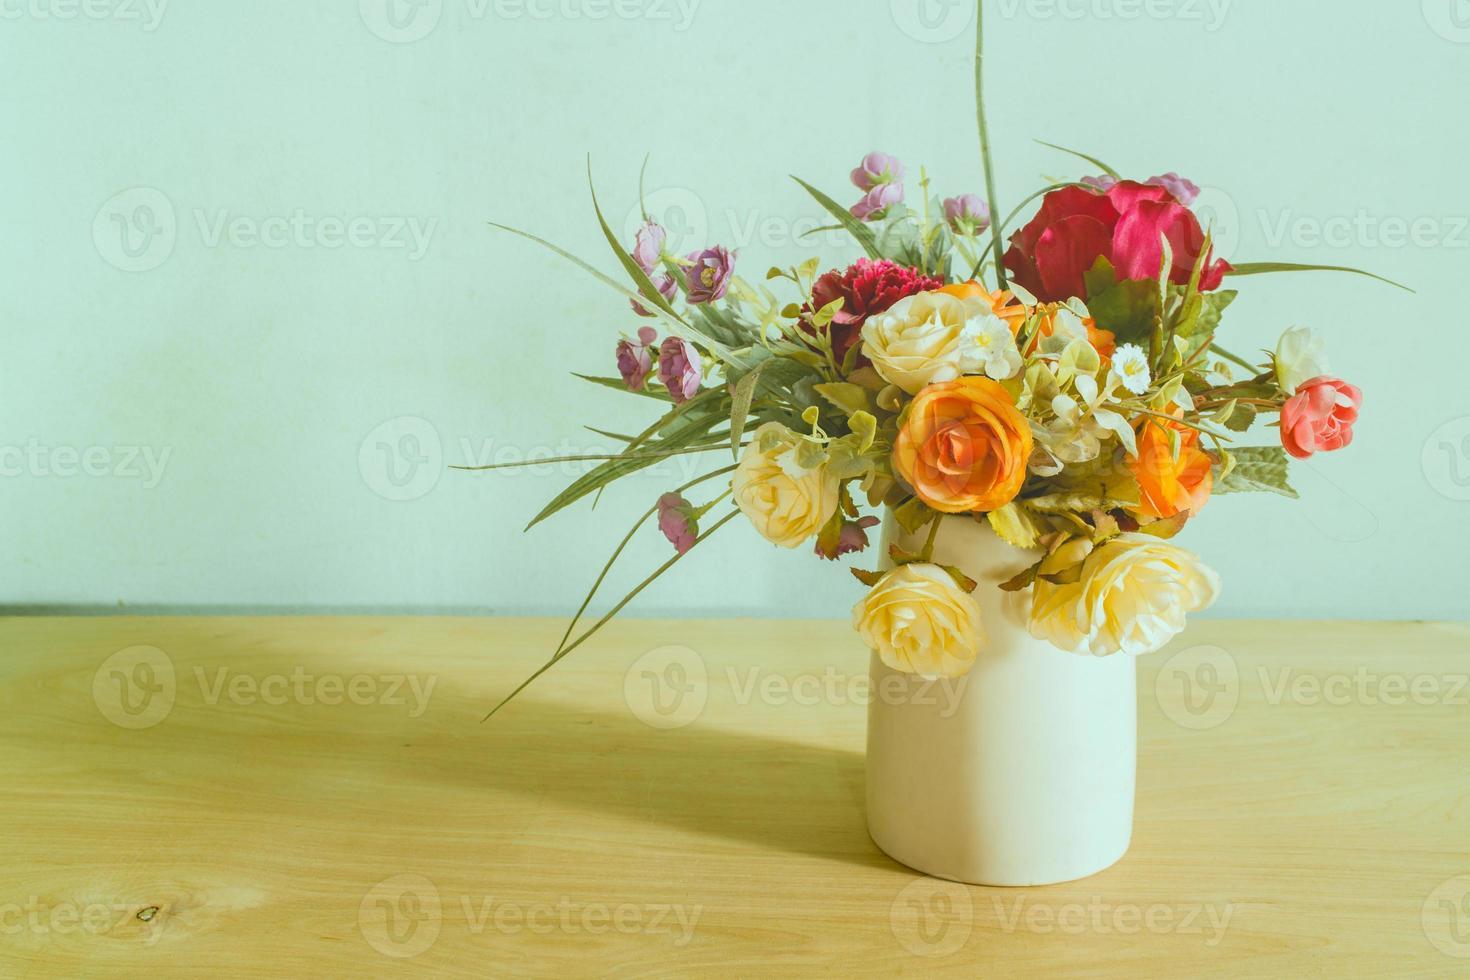 fiori in vaso foto